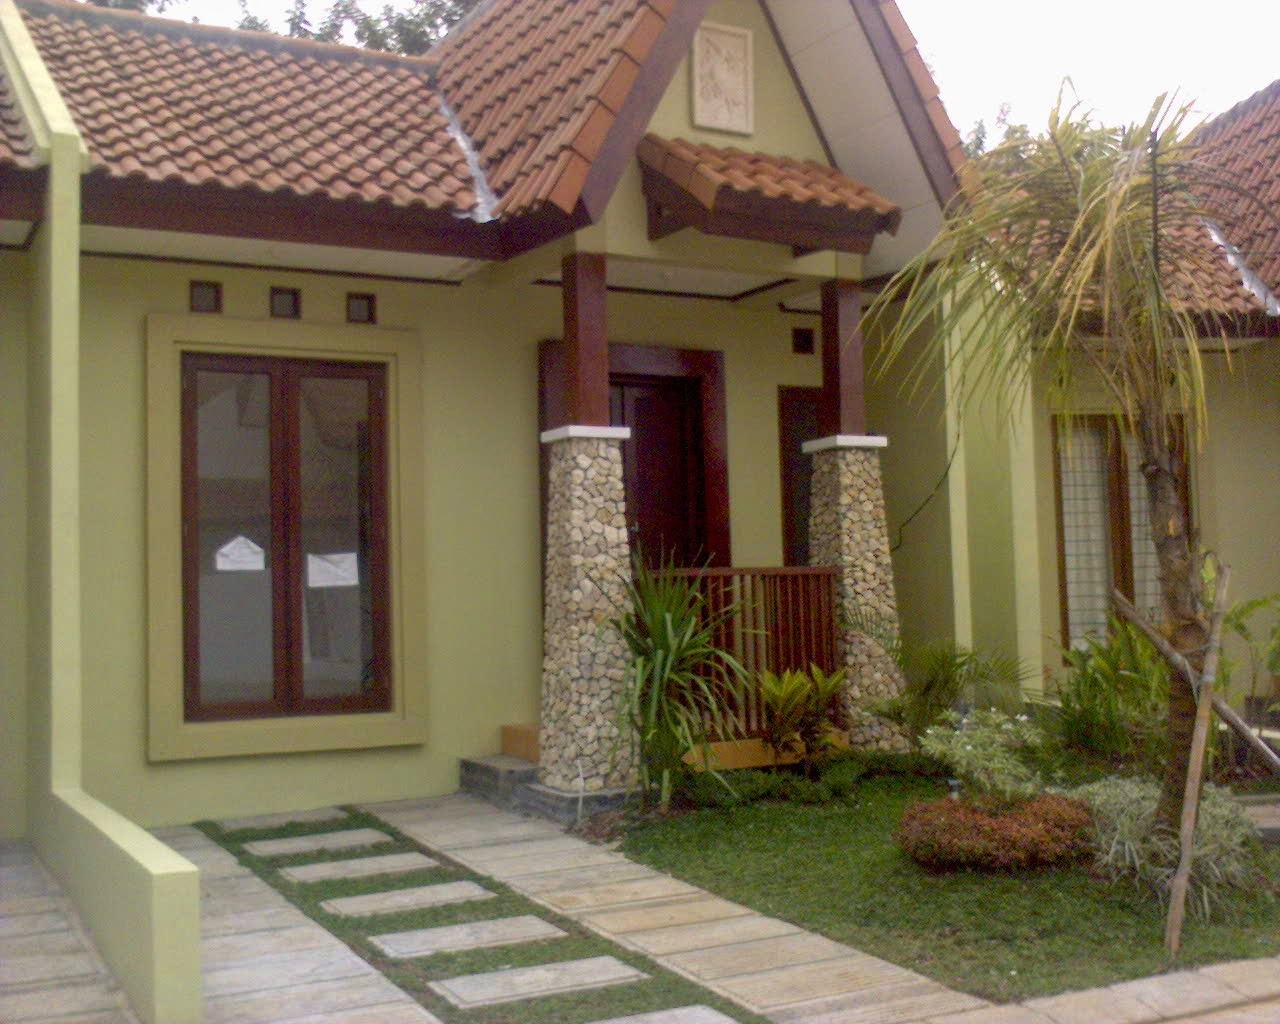 Rumah Bekas Murah Rp 300 000 000 Jual Beli Rumah